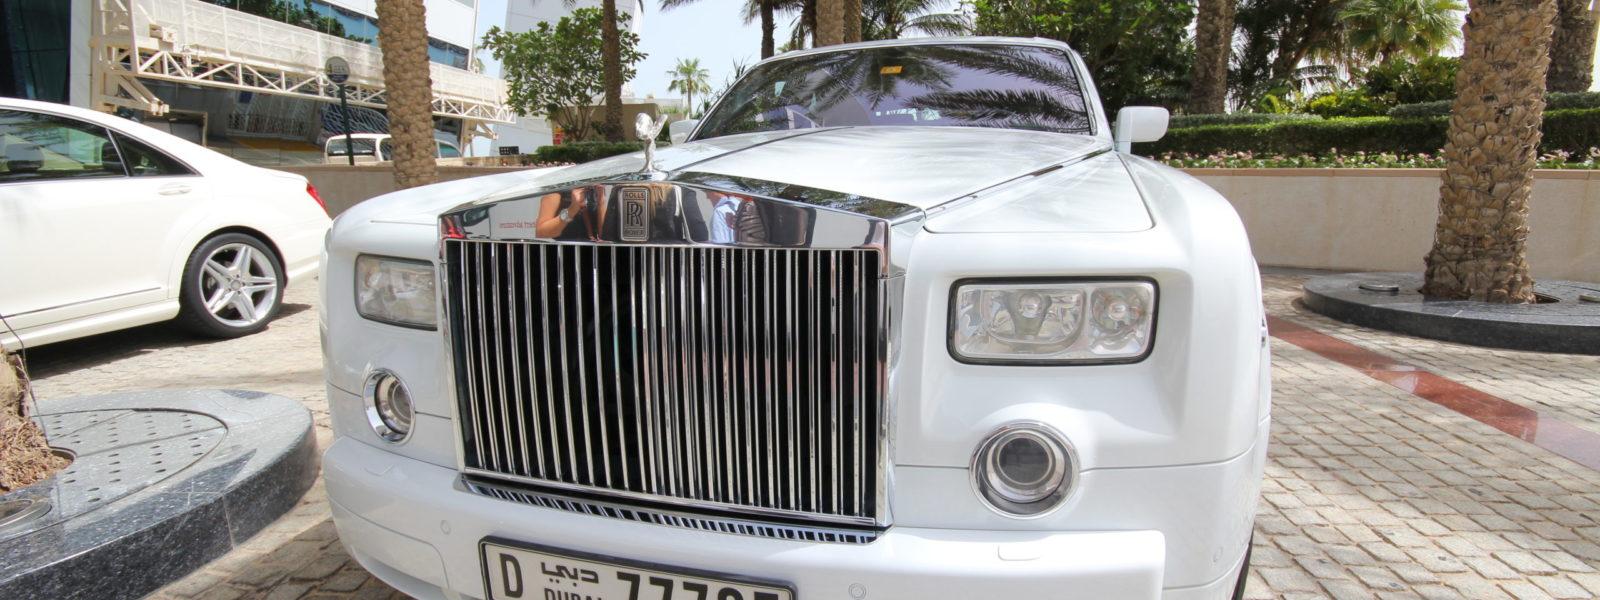 Emiraty Arabskie Czyli Nie Tylko Dubai